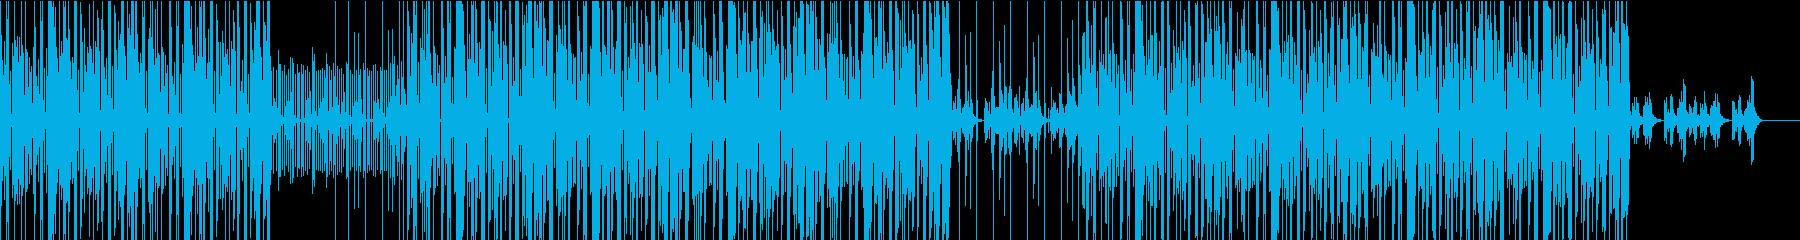 おしゃれ 可愛い チルトラップの再生済みの波形